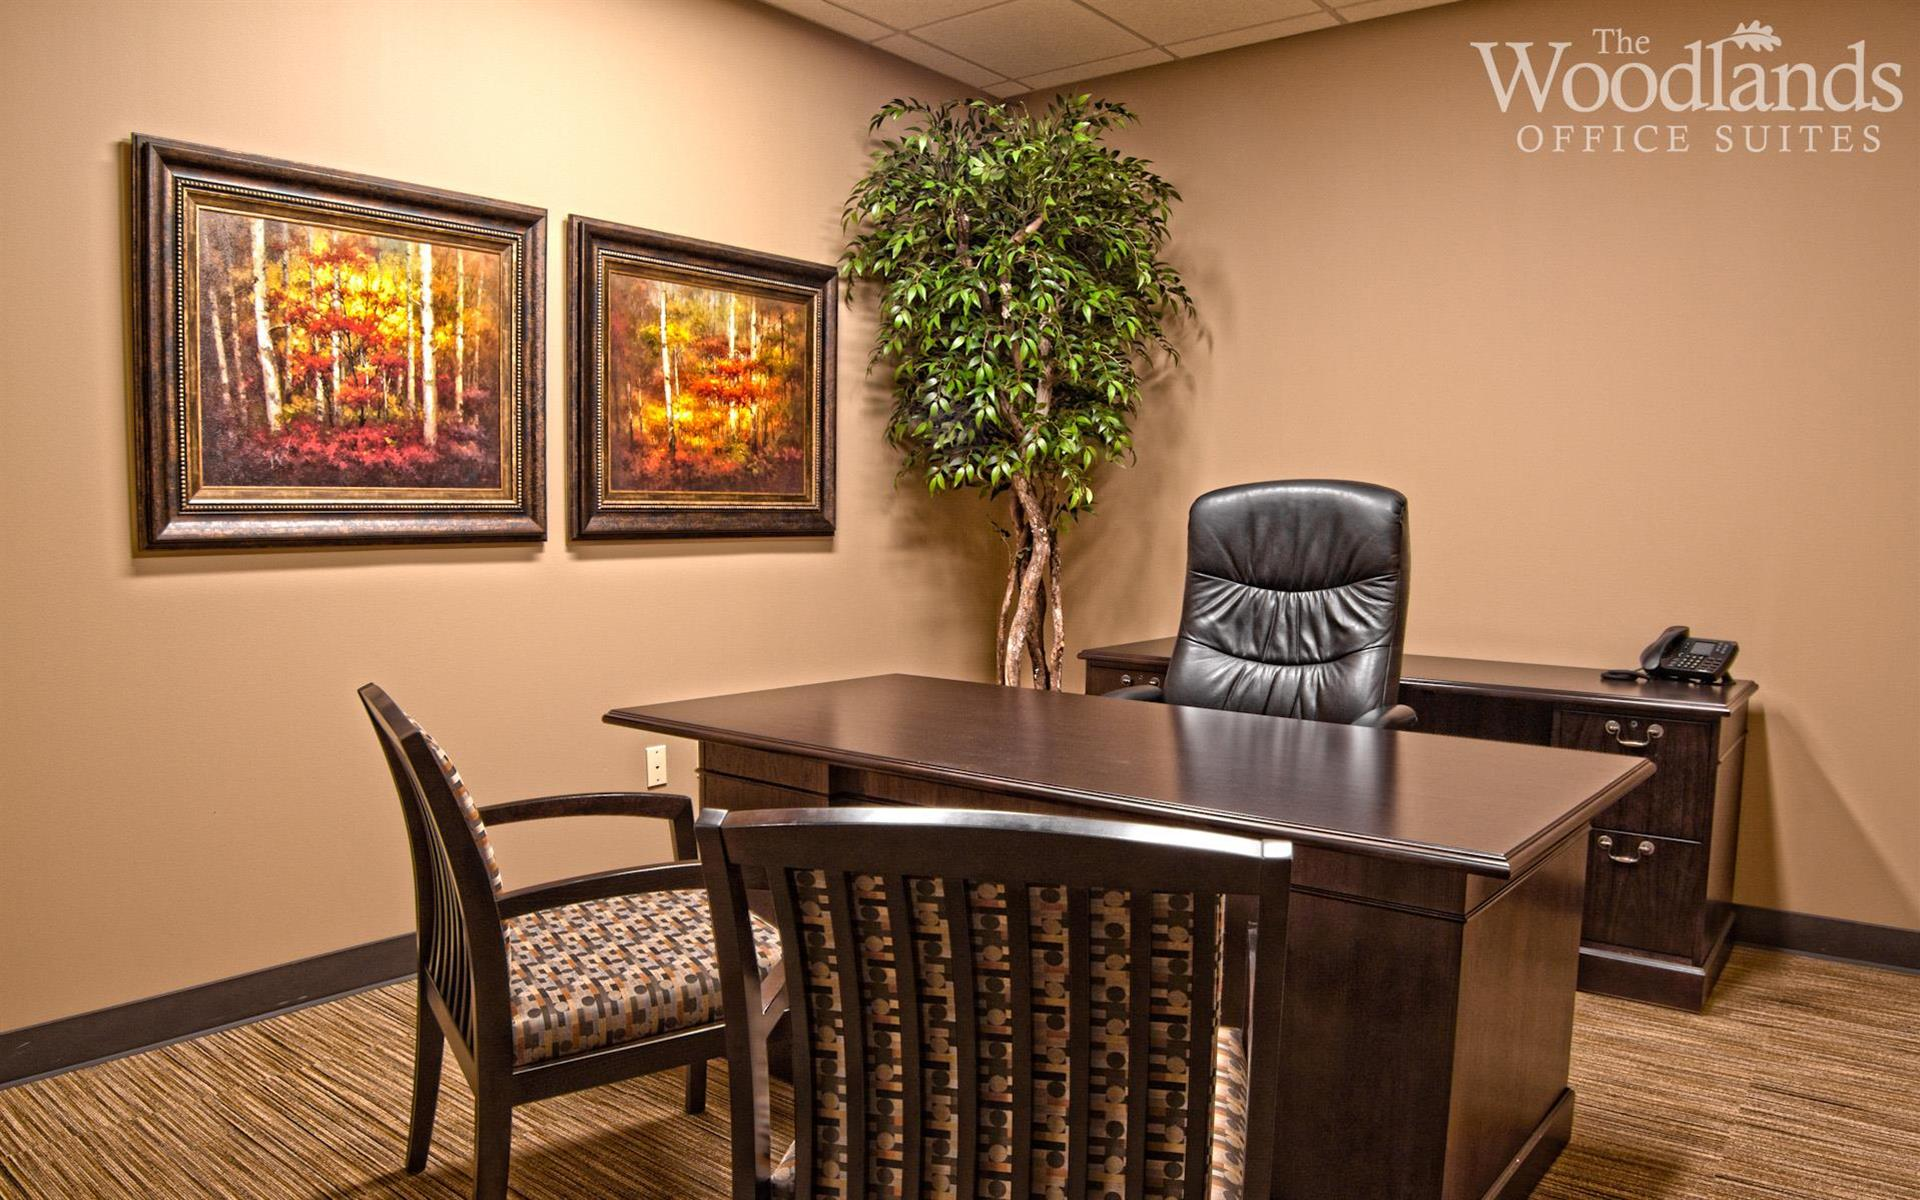 The Woodlands Office Suites - Suite #238 - Medium Interior Office